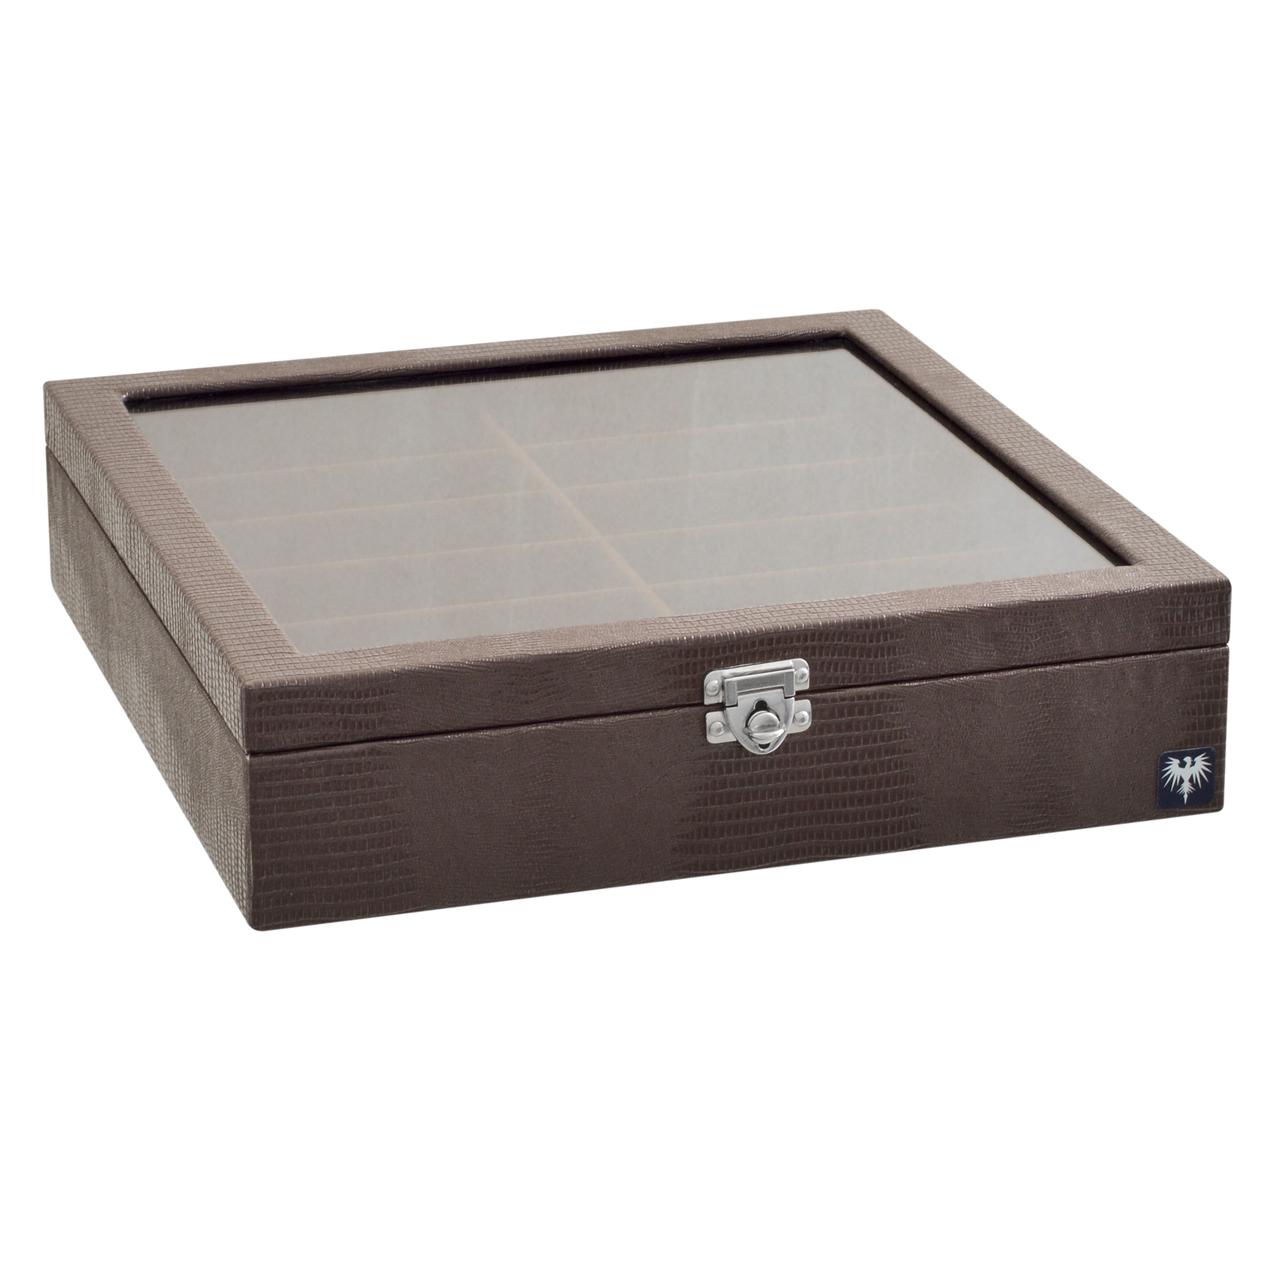 estojo-couro-ecologico-12-oculos-marrom-marrom-porta-caixa-imagem-11.JPG